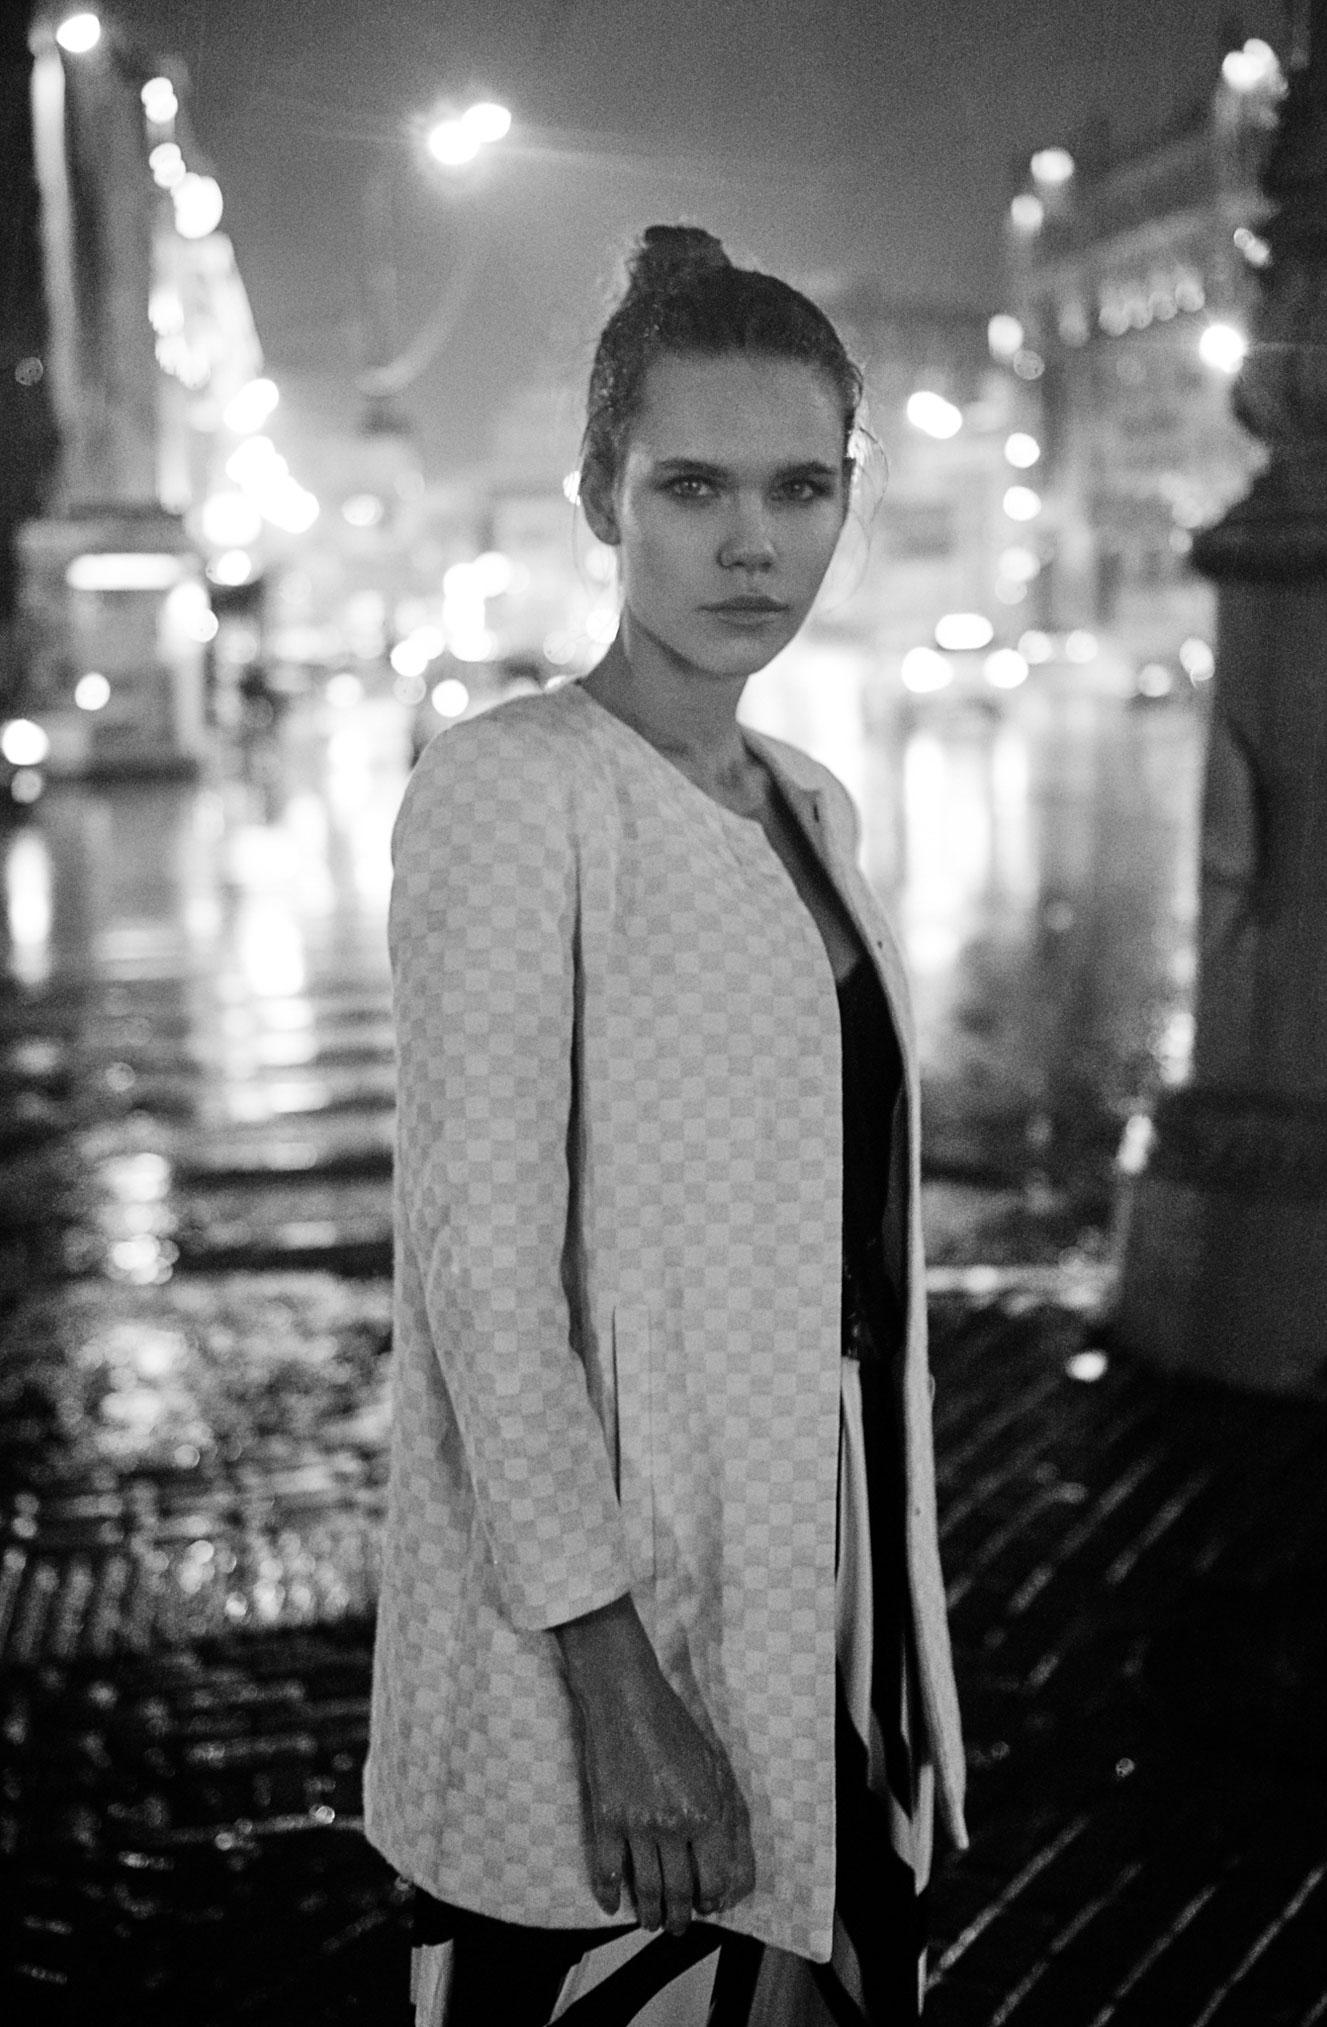 Настасья Волконская гуляет по ночному городу / фото 07